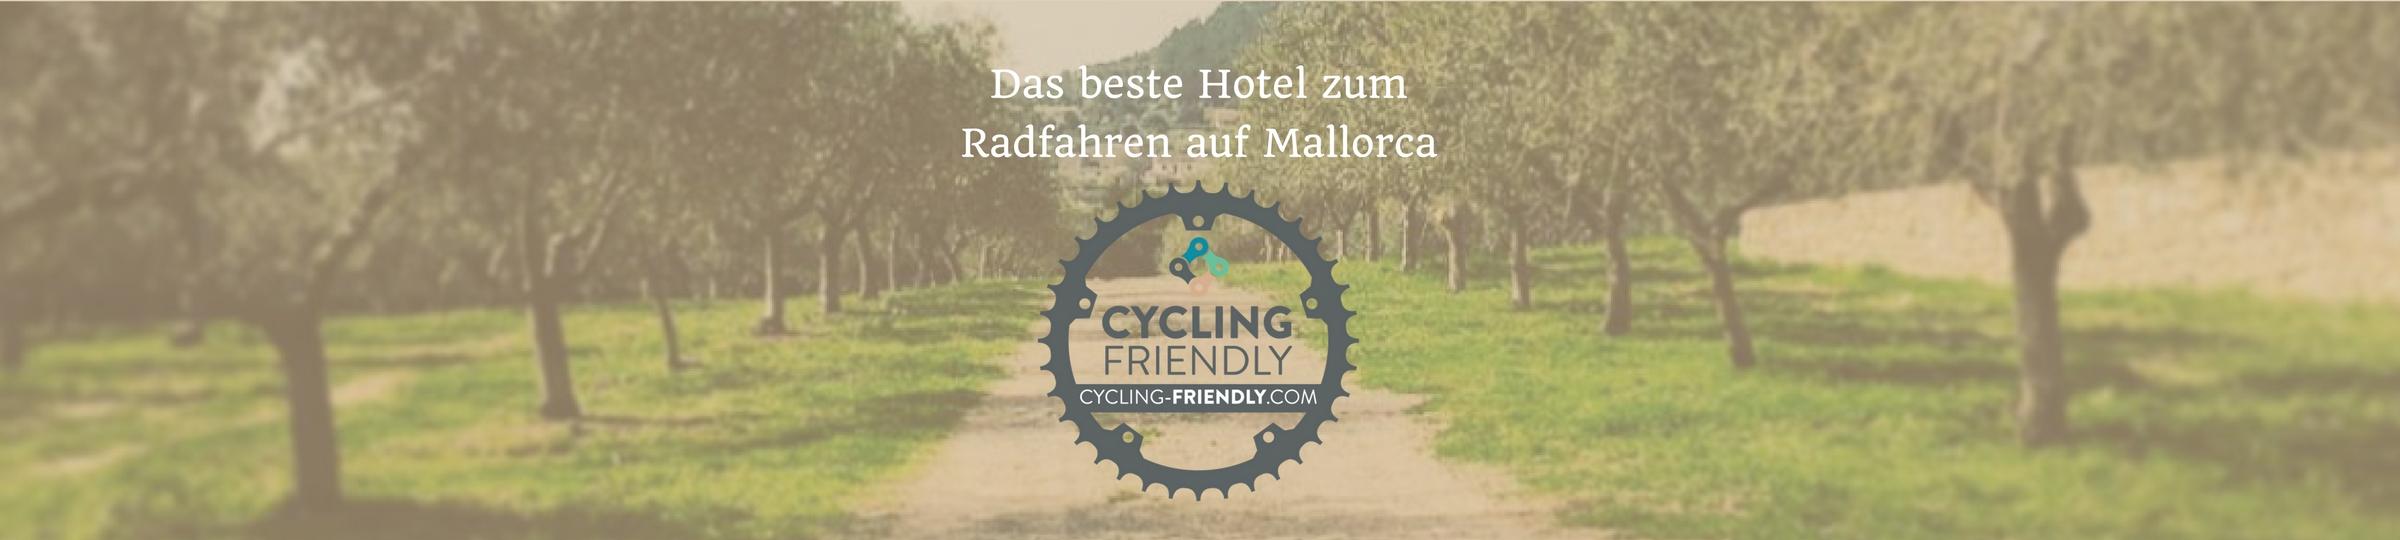 Das beste Hotel zum Radfahren auf Mallorca